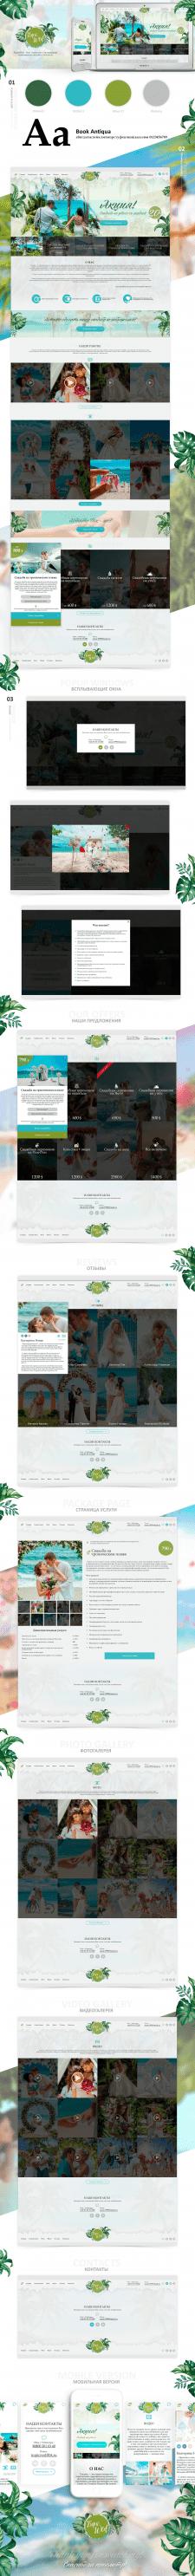 Дизайн продающей страницы - свадьбы в тайланде